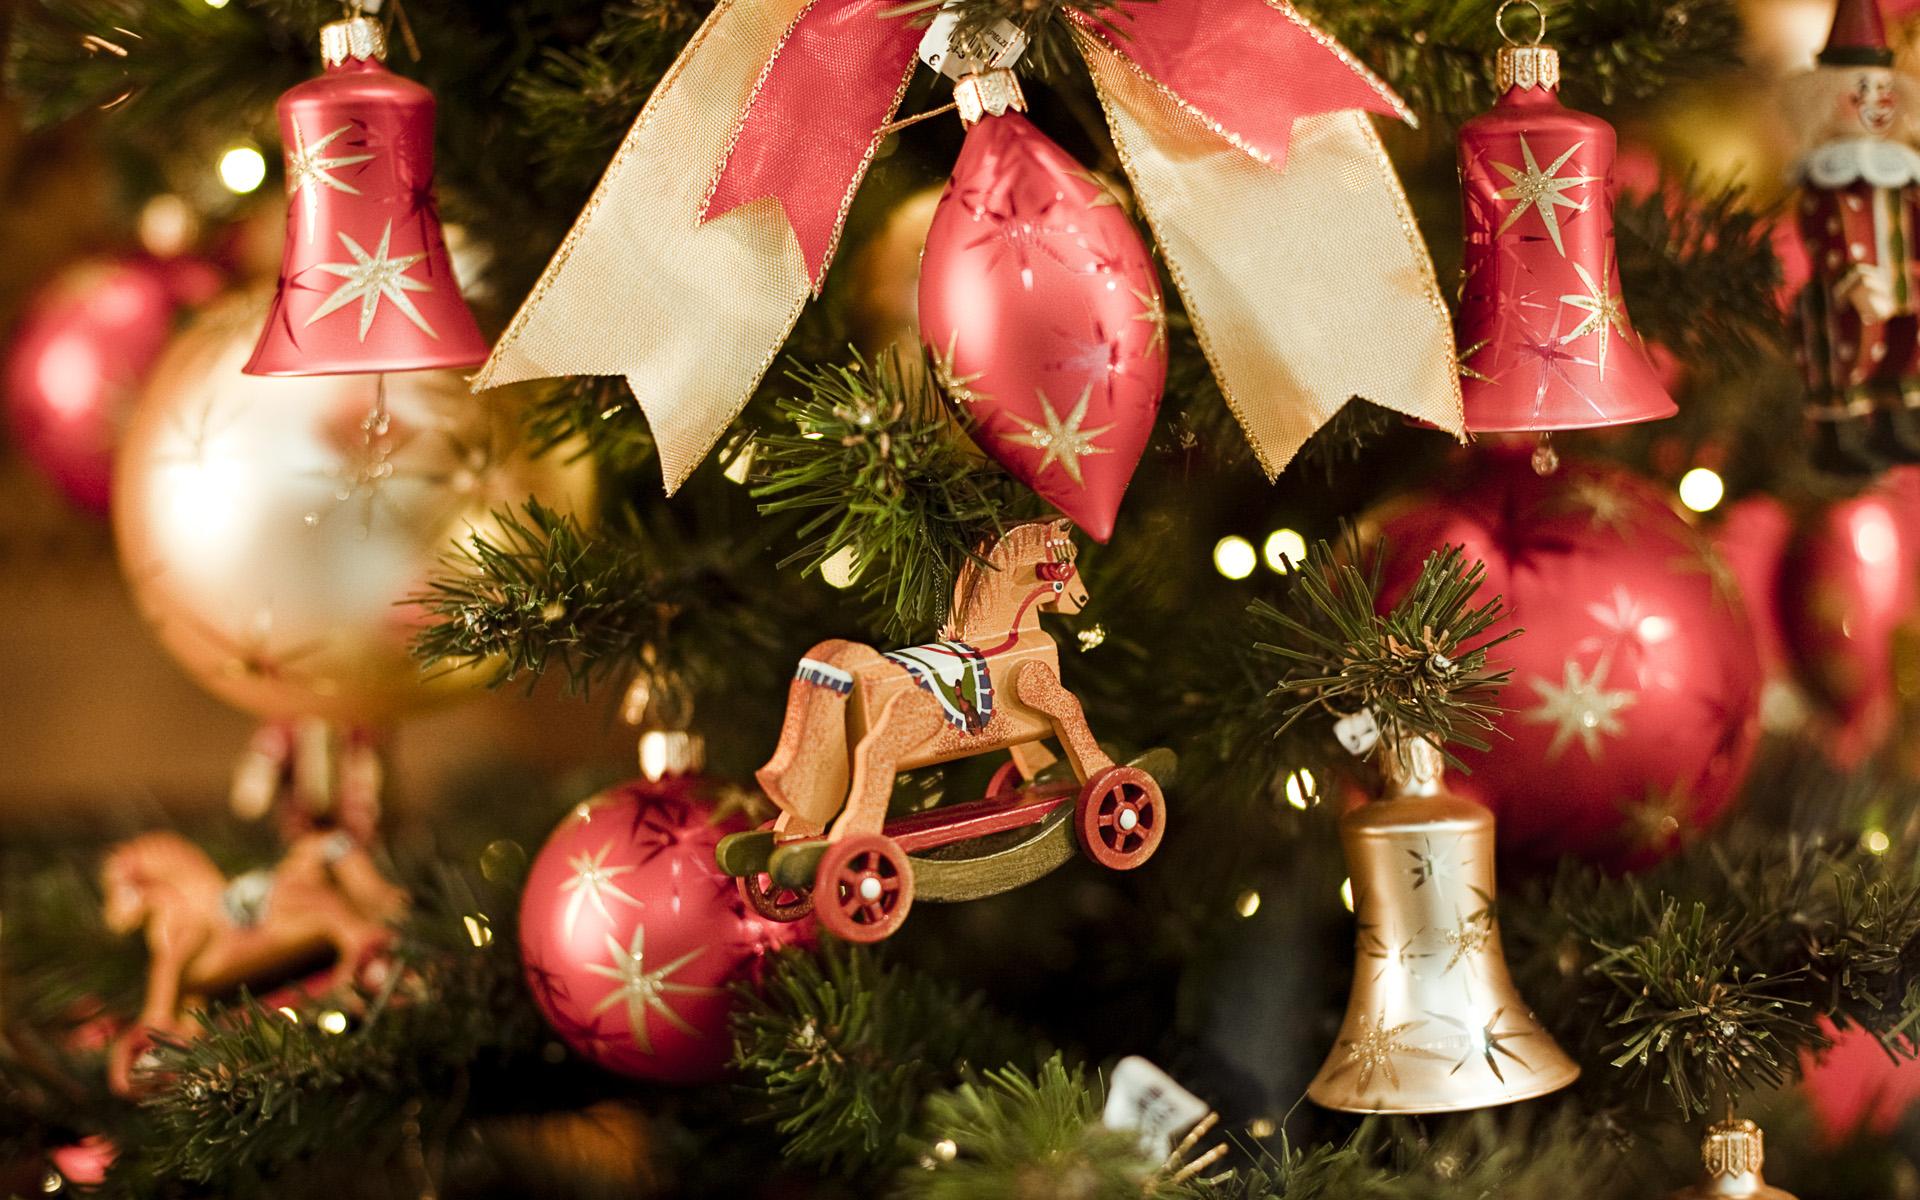 Деревянные и обычные елочные игрушки в оформлении новогодней елки